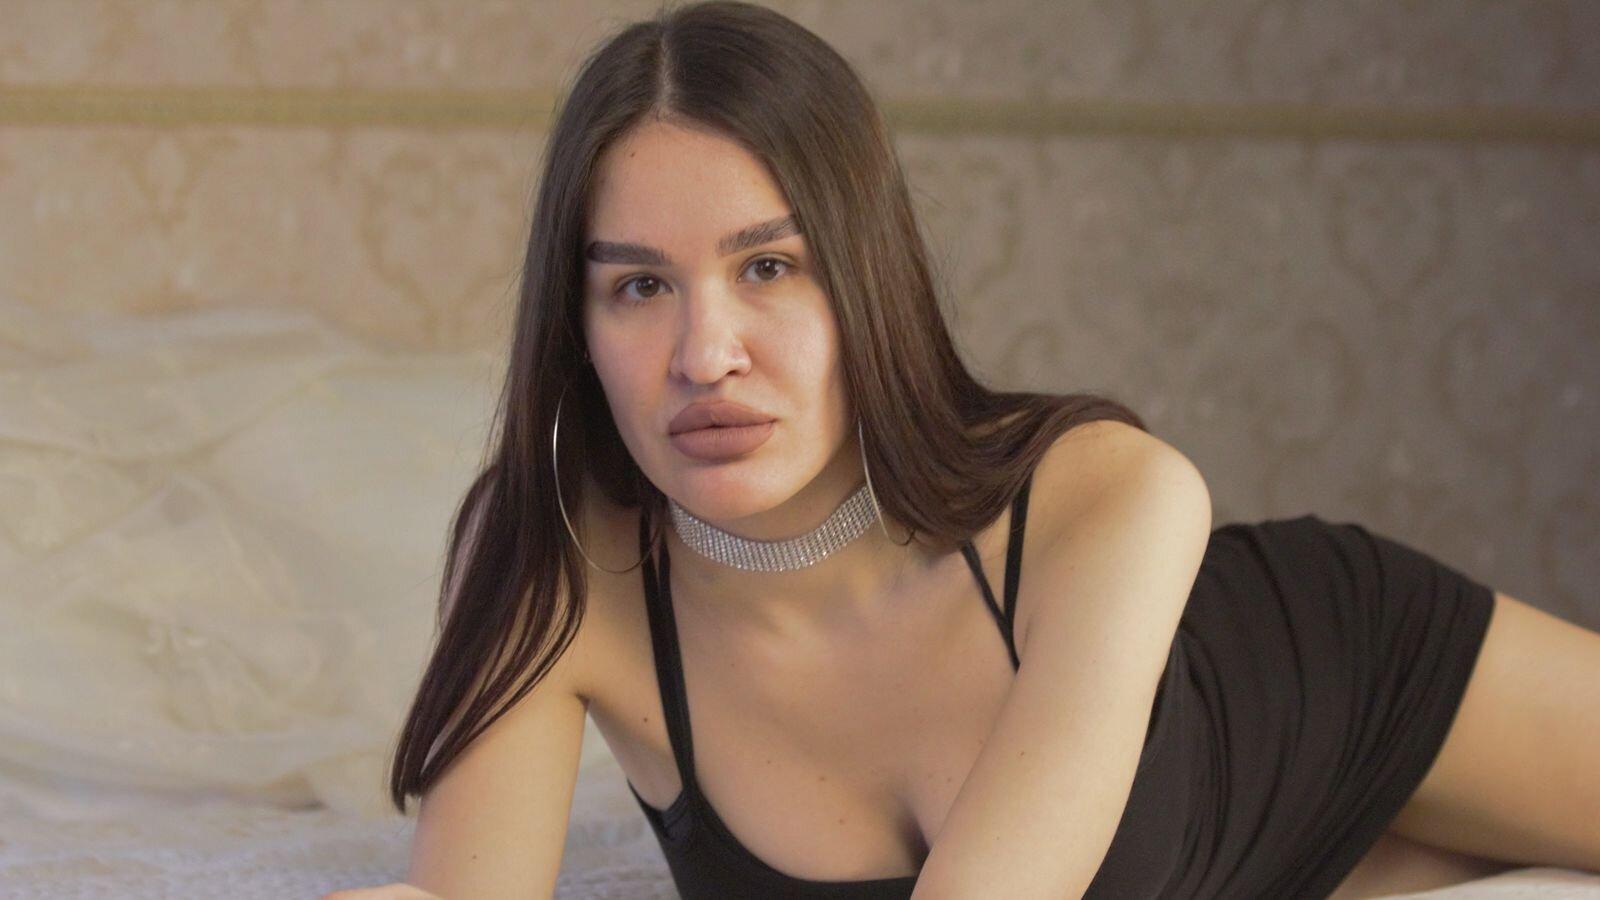 DanielleMarcan